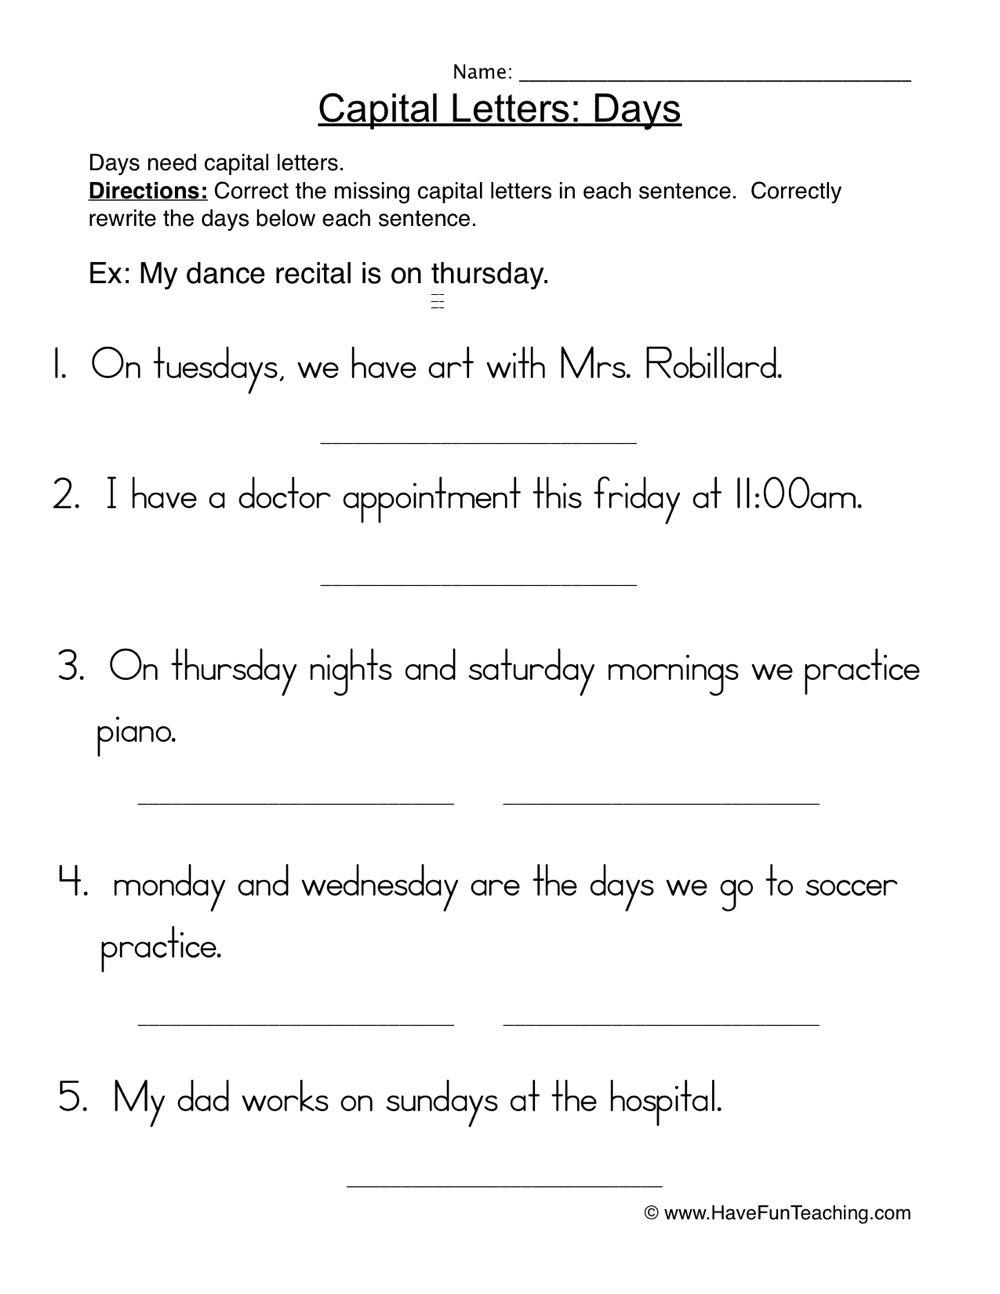 Worksheets Capital Letters Worksheet Have Fun Teaching Worksheets